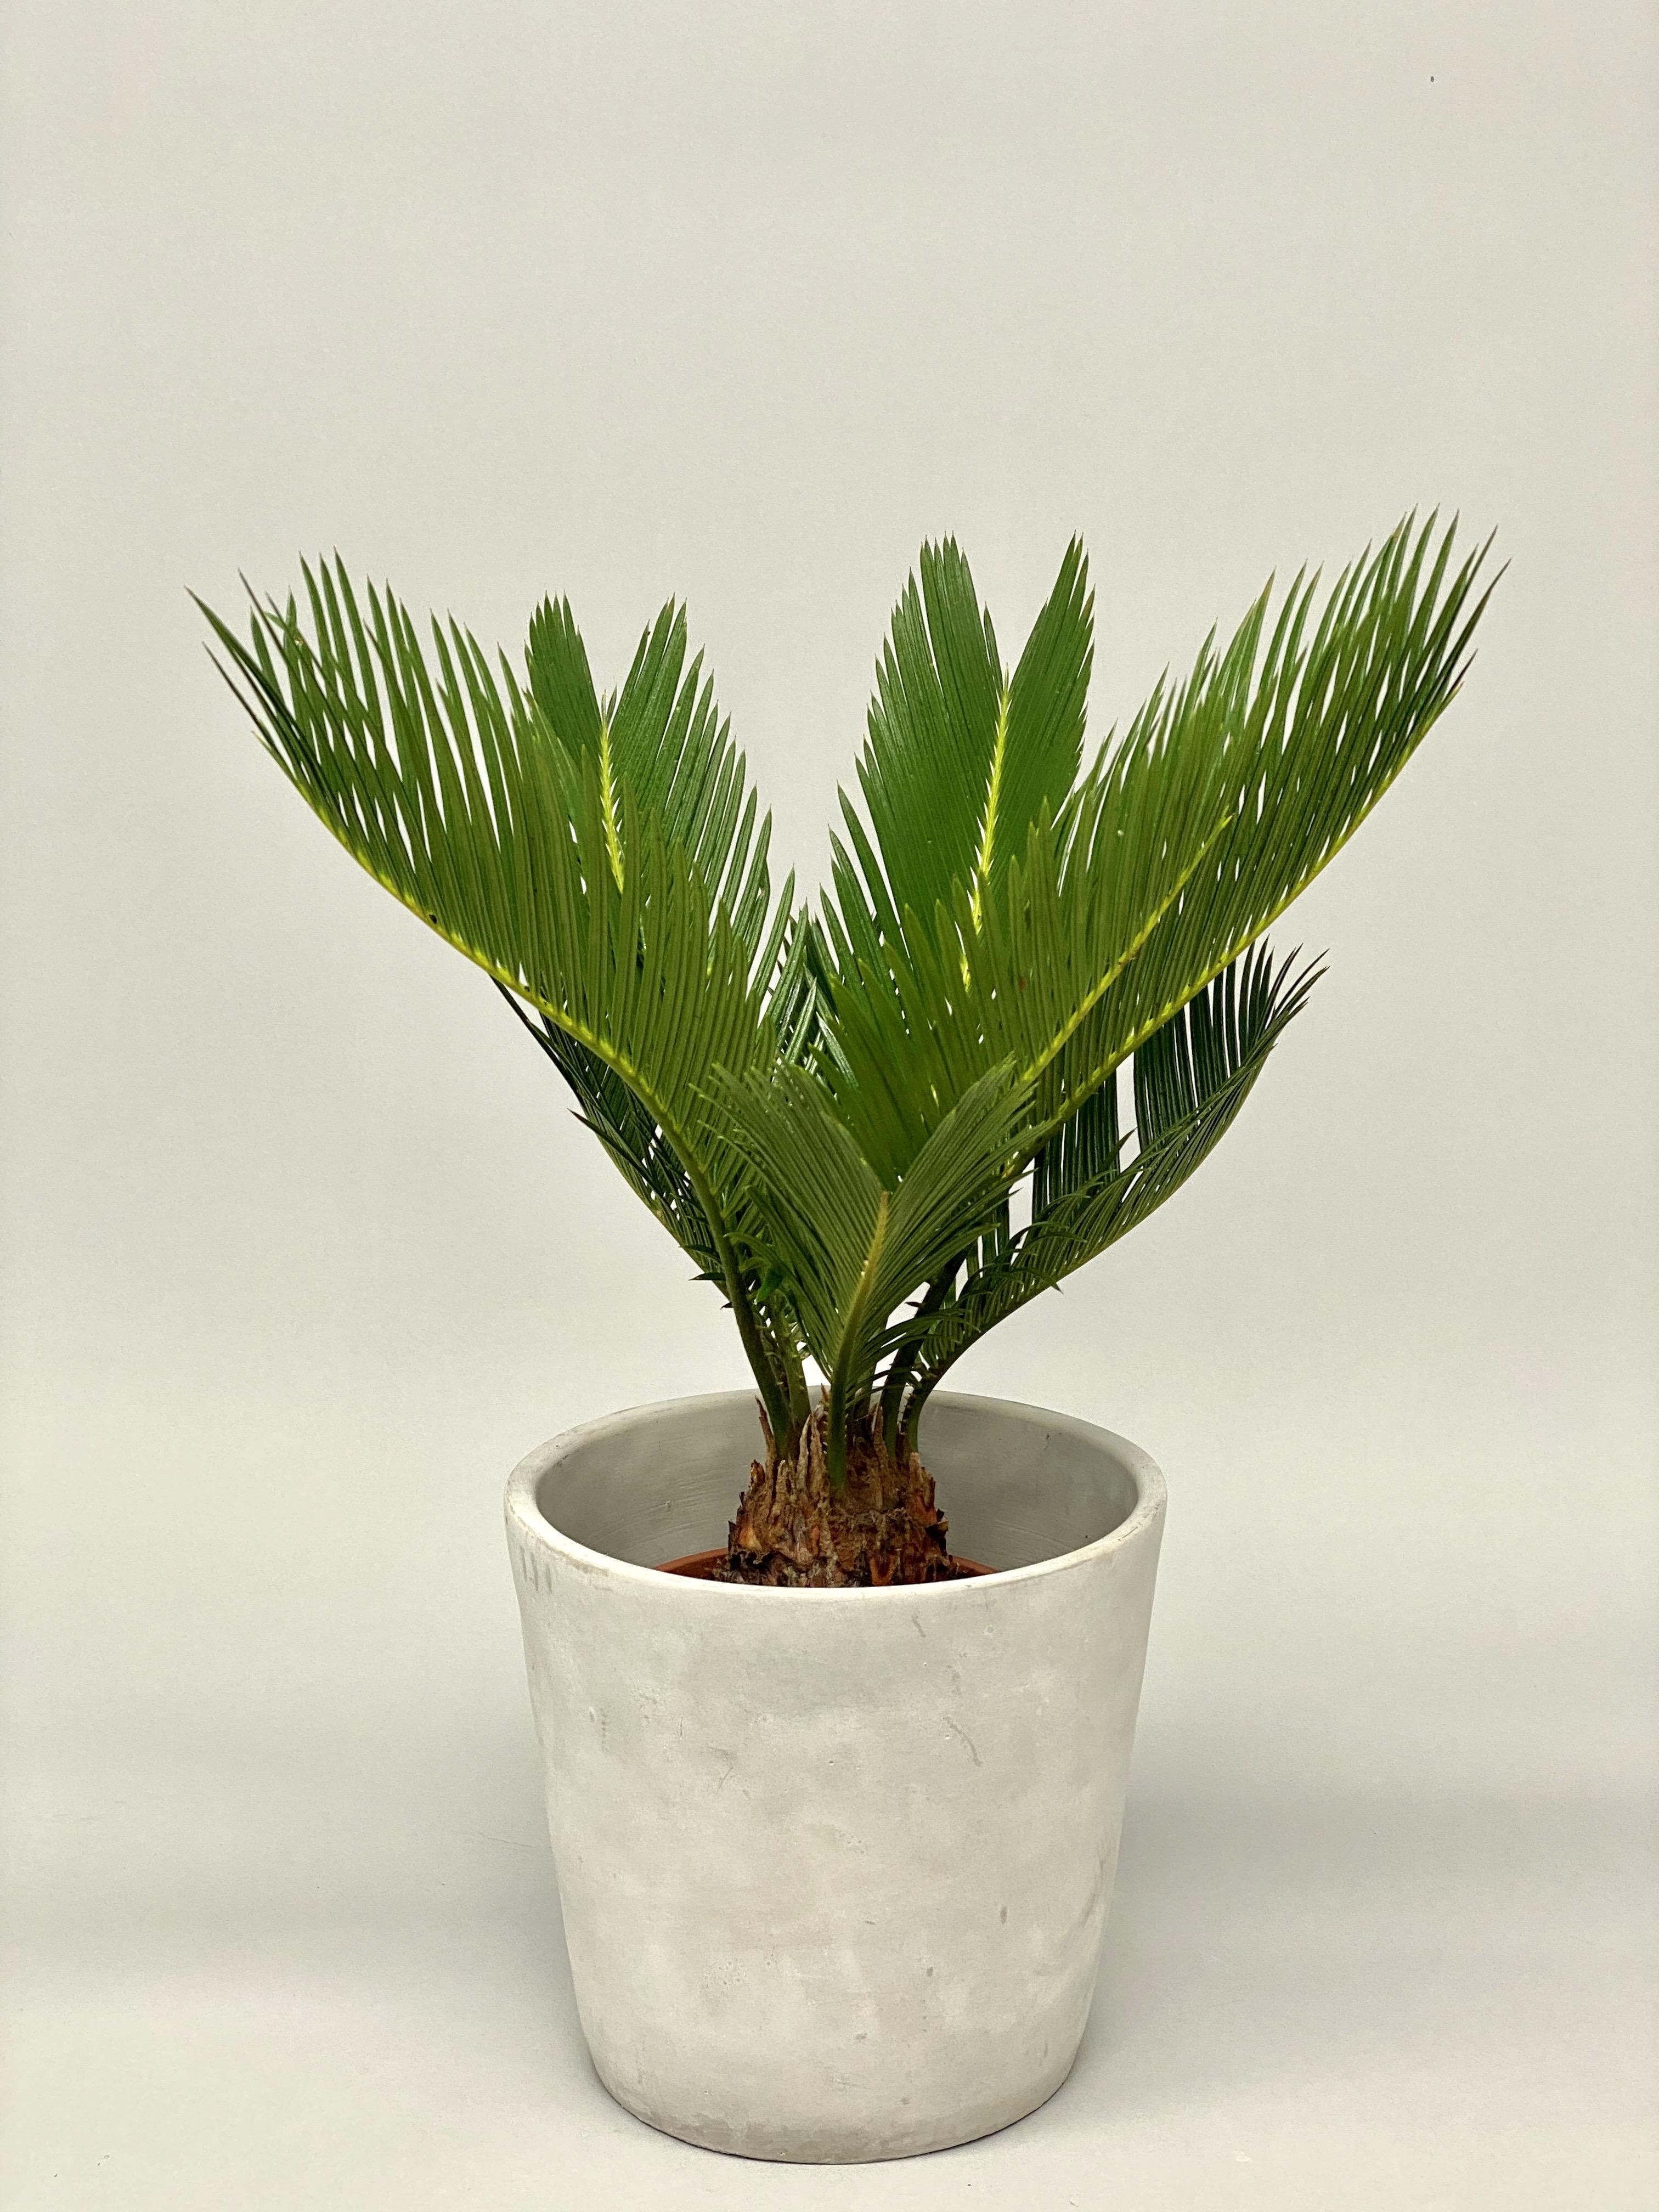 Cycas Revoluta 'Sago Palm'